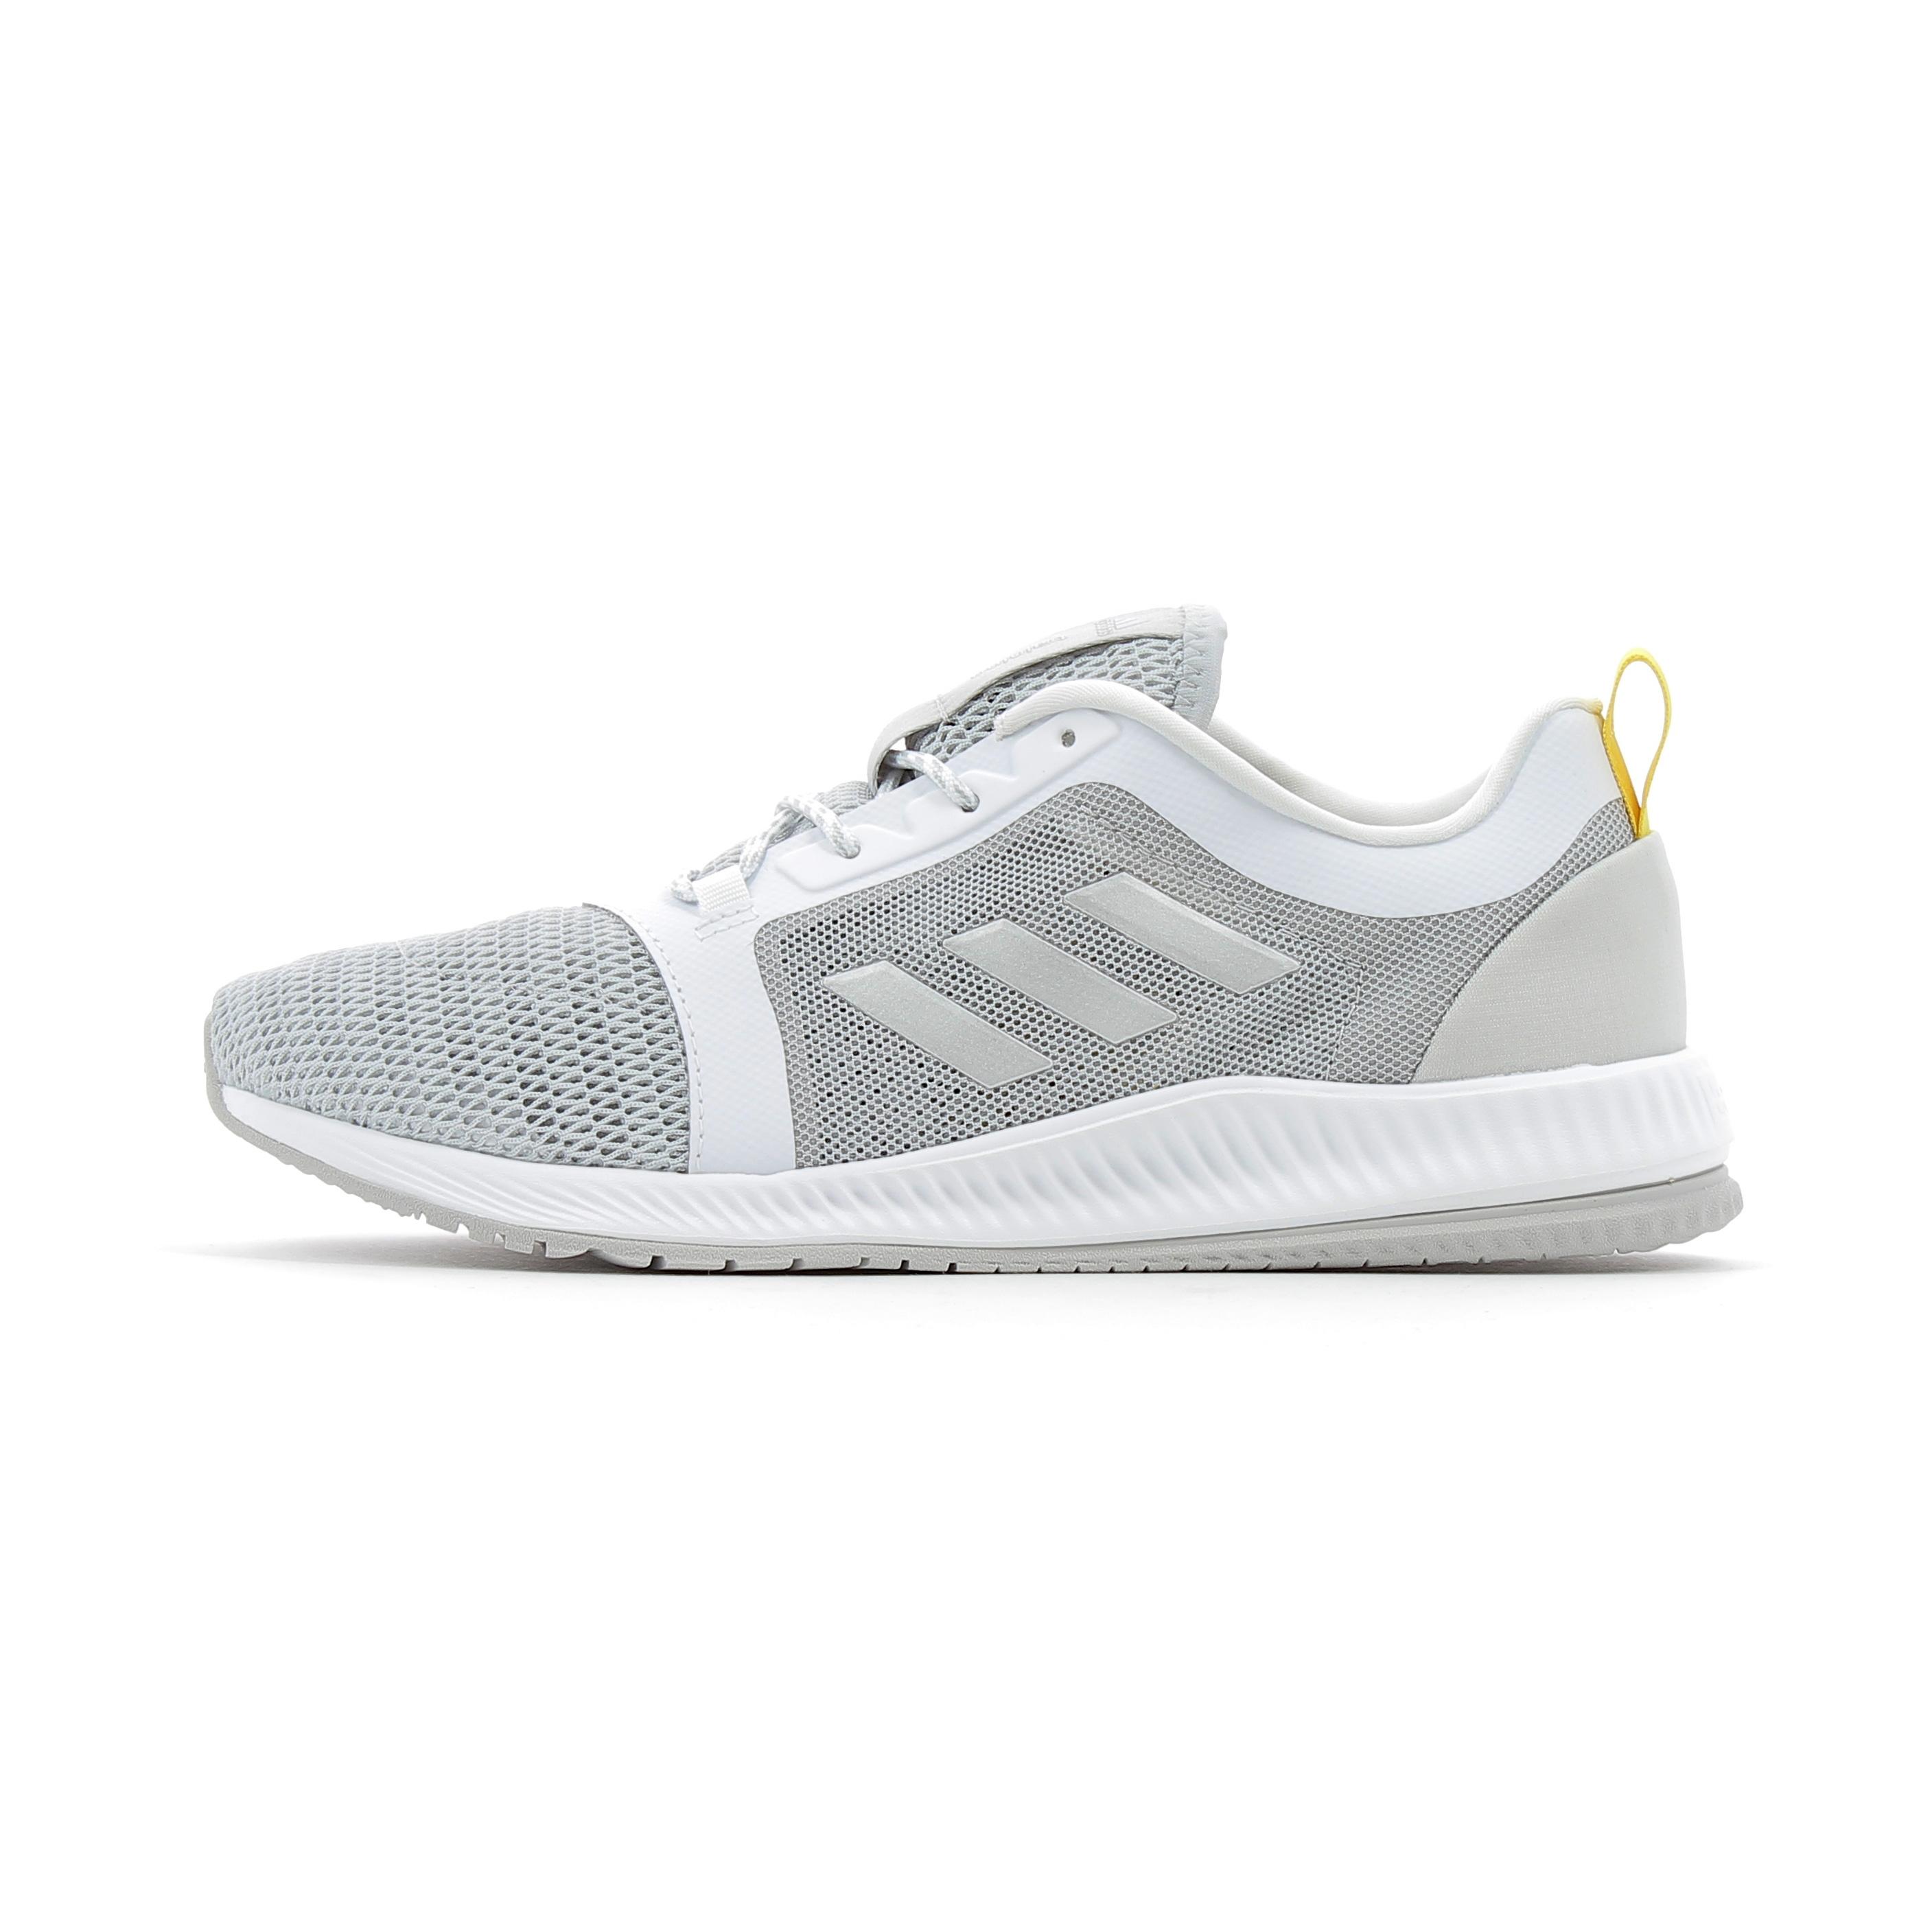 buy online 8329b 0cd76 Chaussures de Cross Training Femme adidas running Cool TR Gris